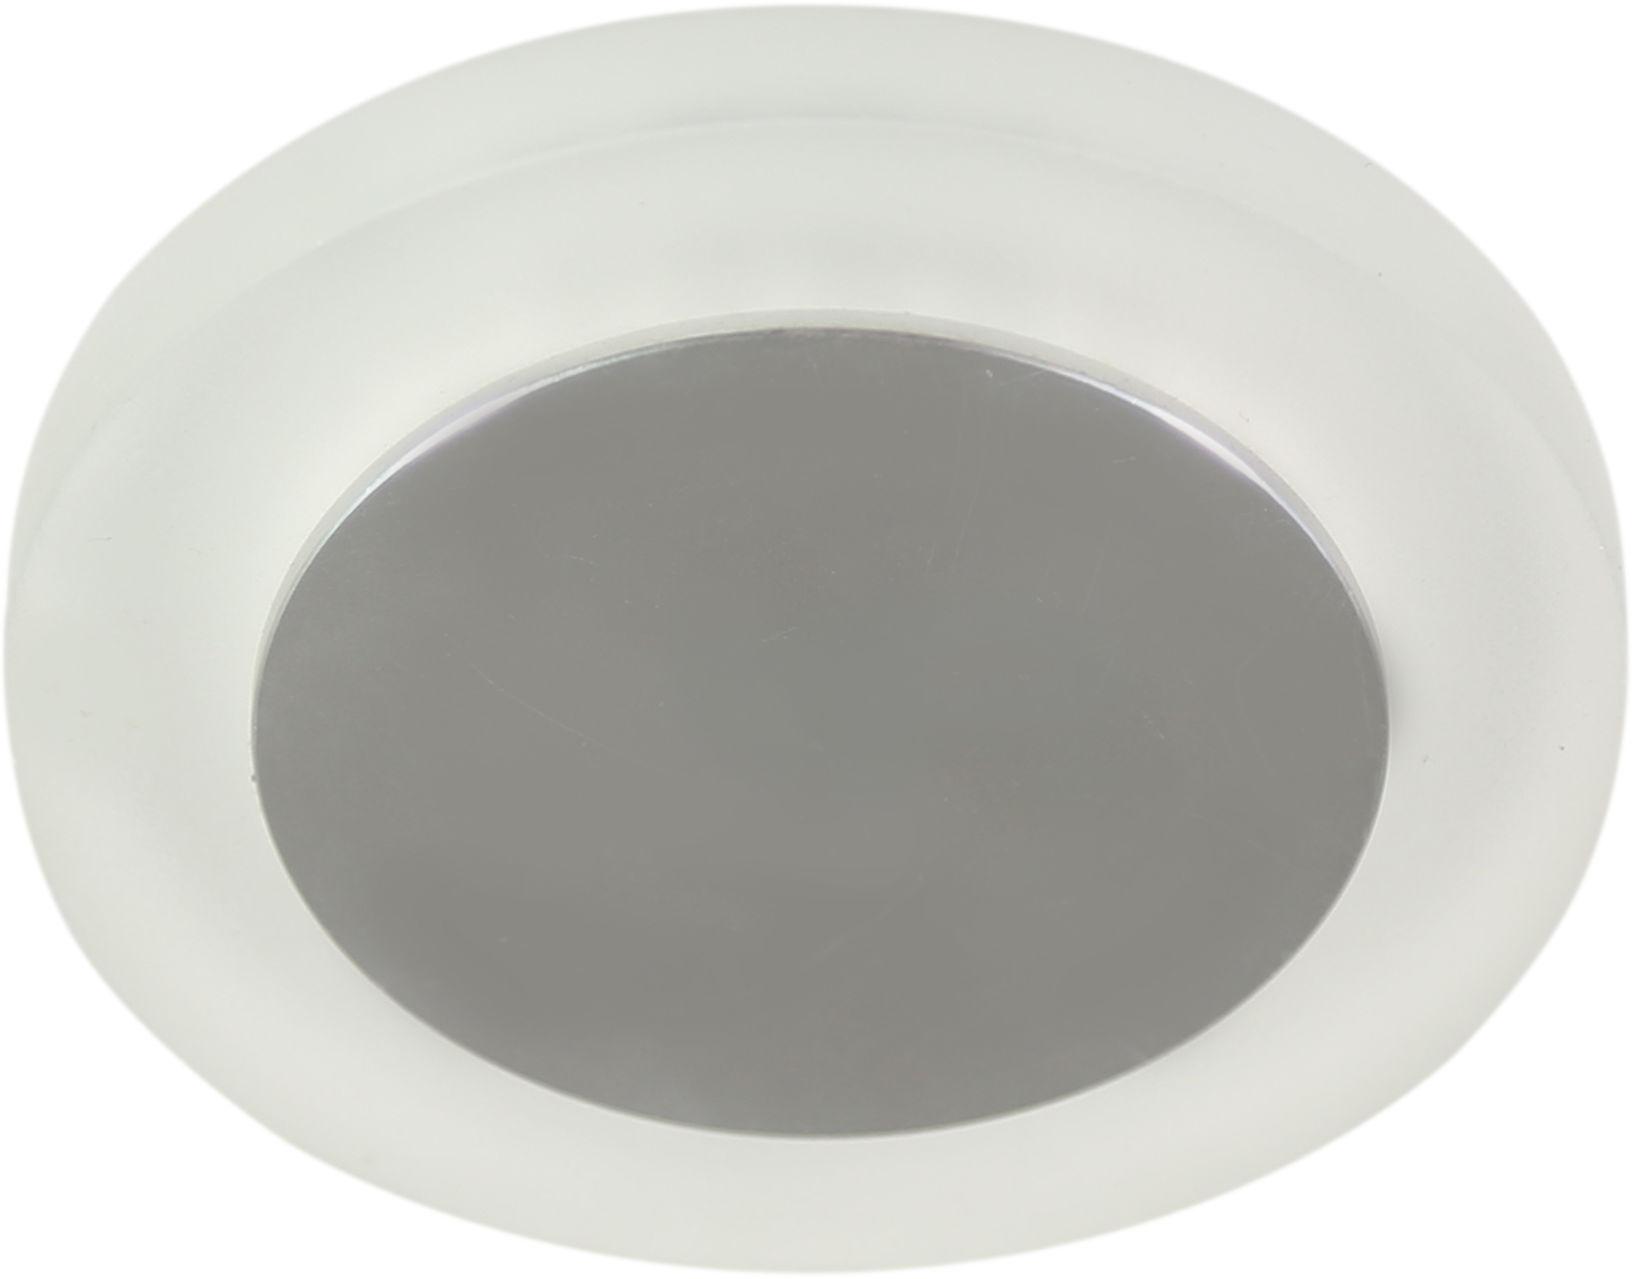 Candellux SS-30 AL/FR 1W LED 230V oprawa do wbudowania stropowa okrągła szkło mrożone 8,8cm